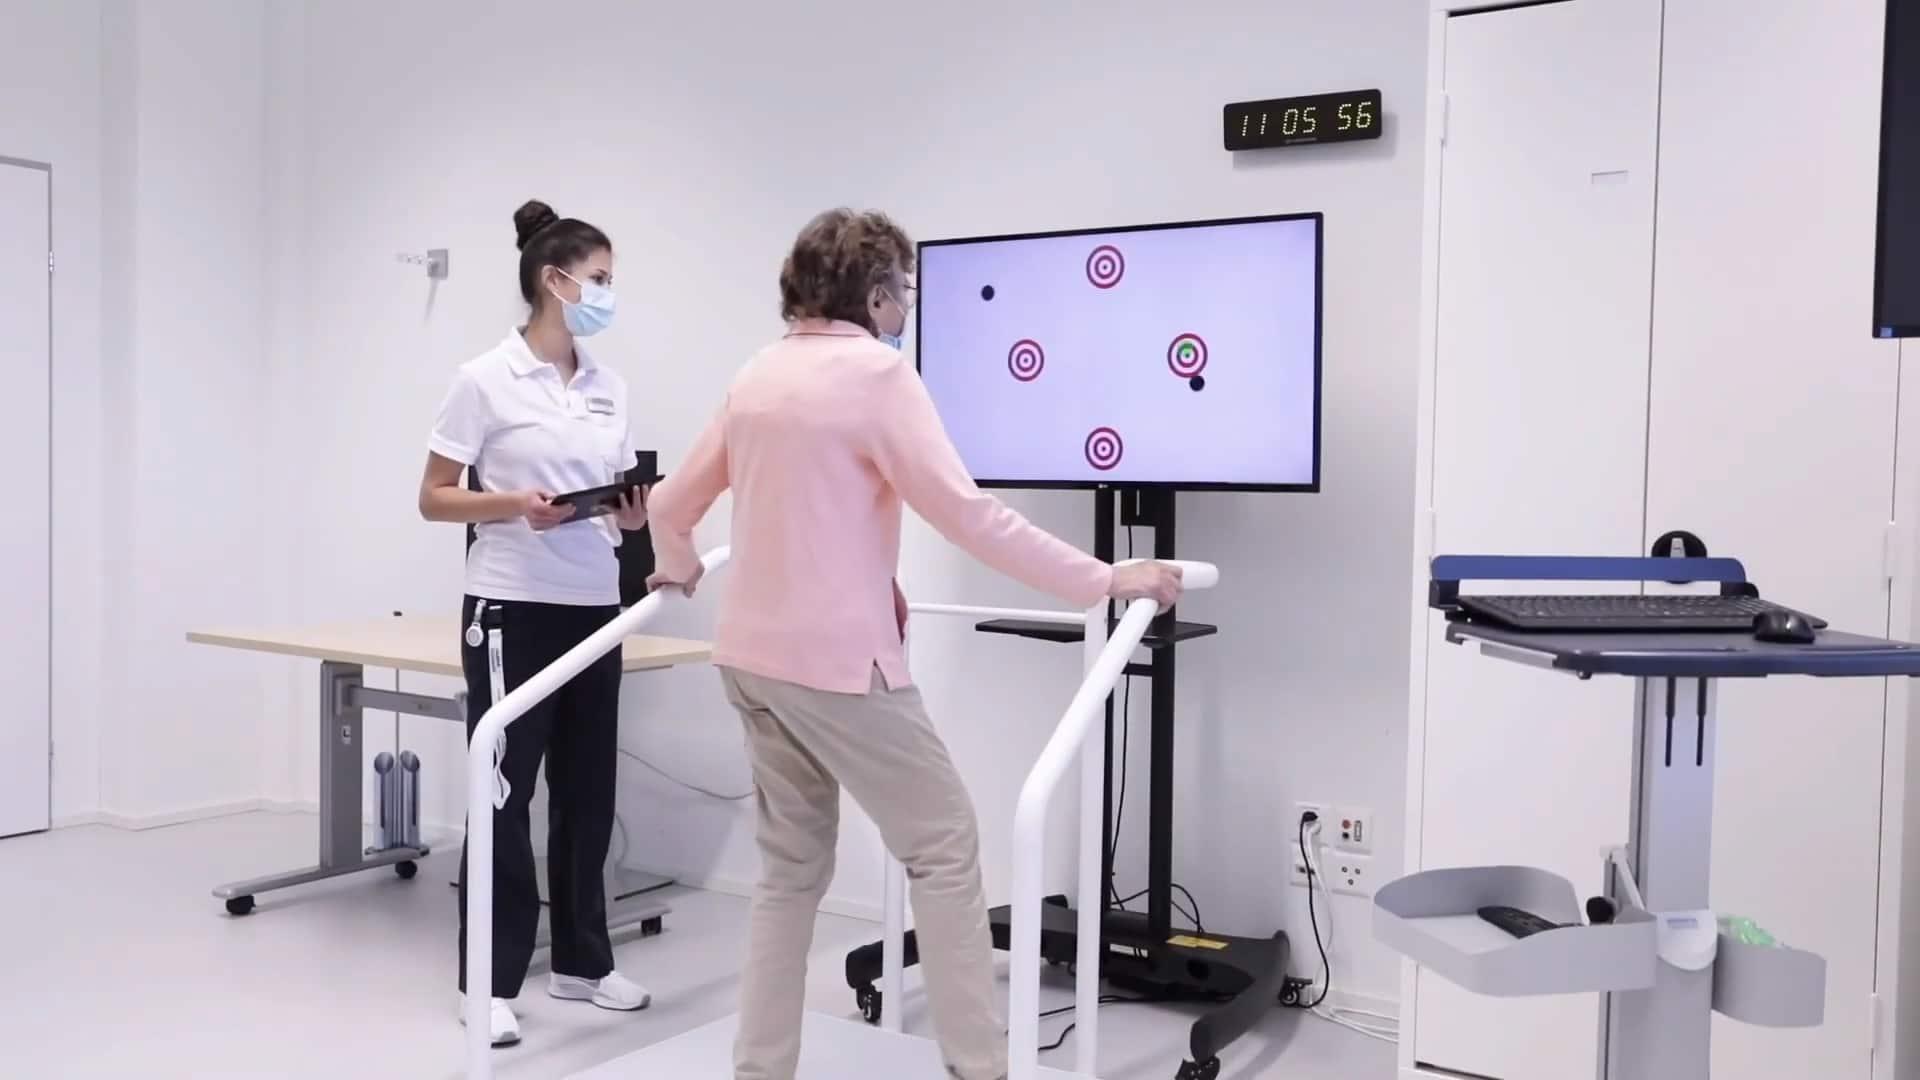 Utilizzare i videogiochi per combattere la demenza. Credits: ETH